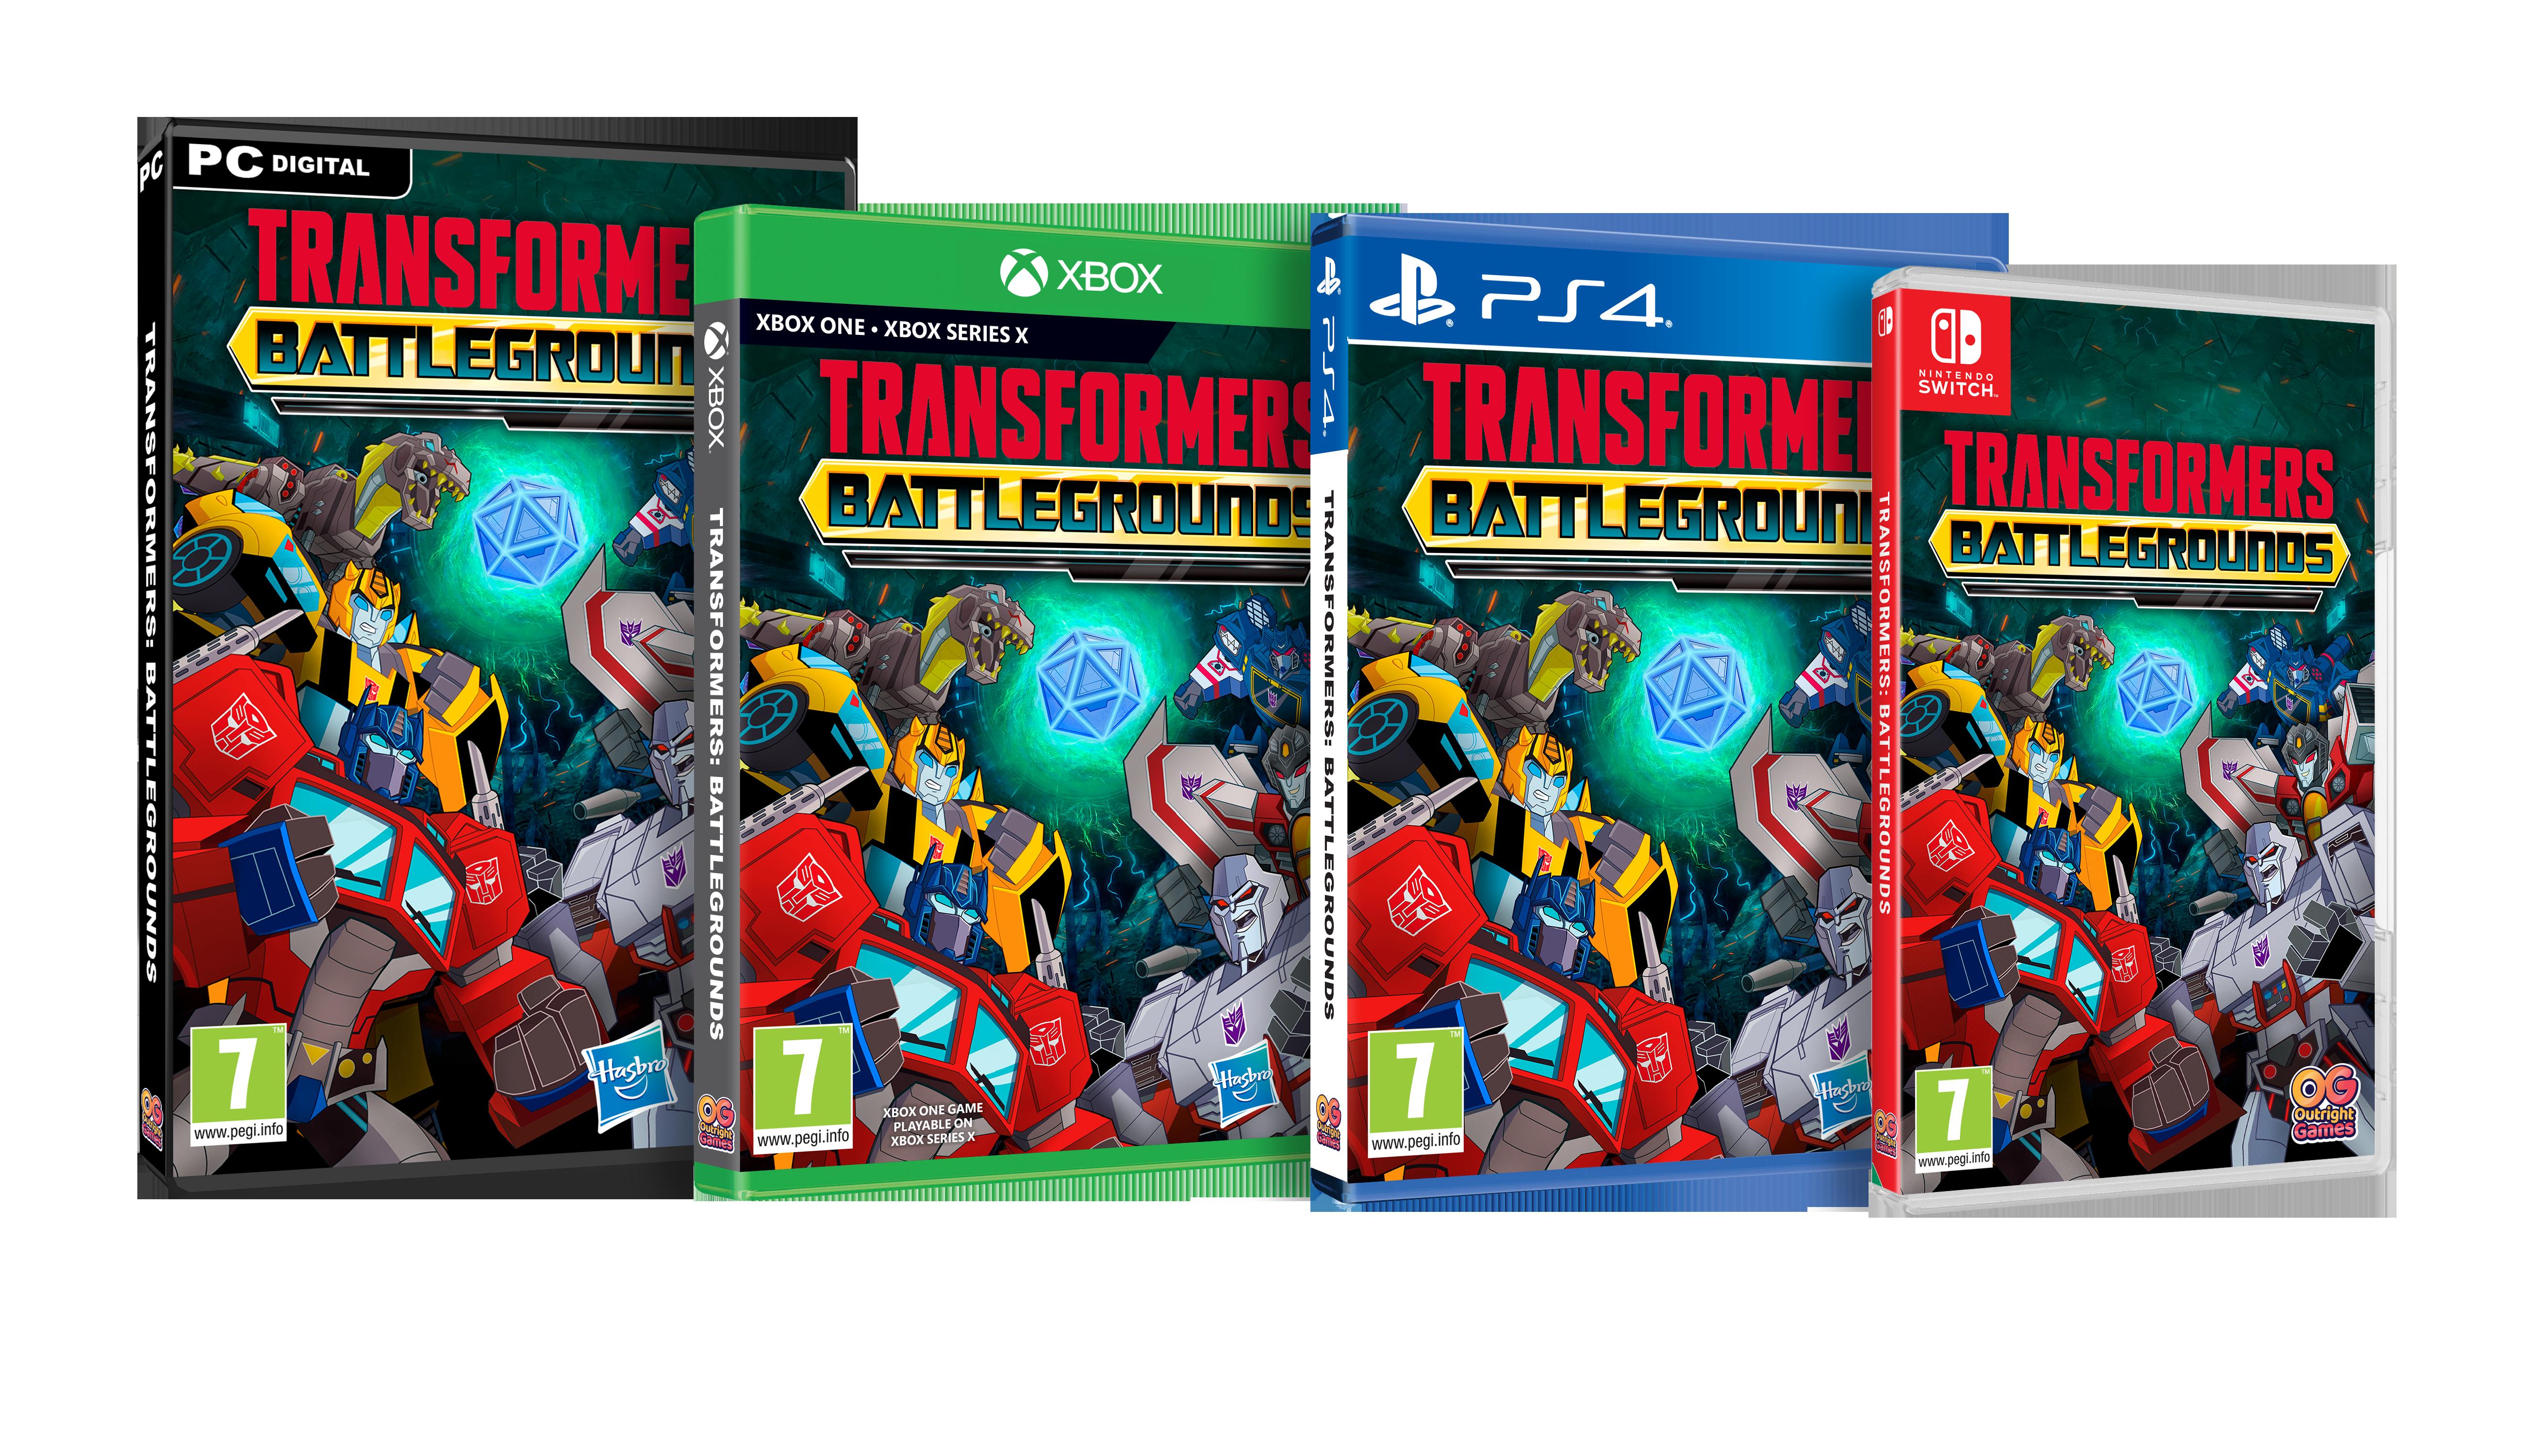 Transformers-battlegrounds-packshoot